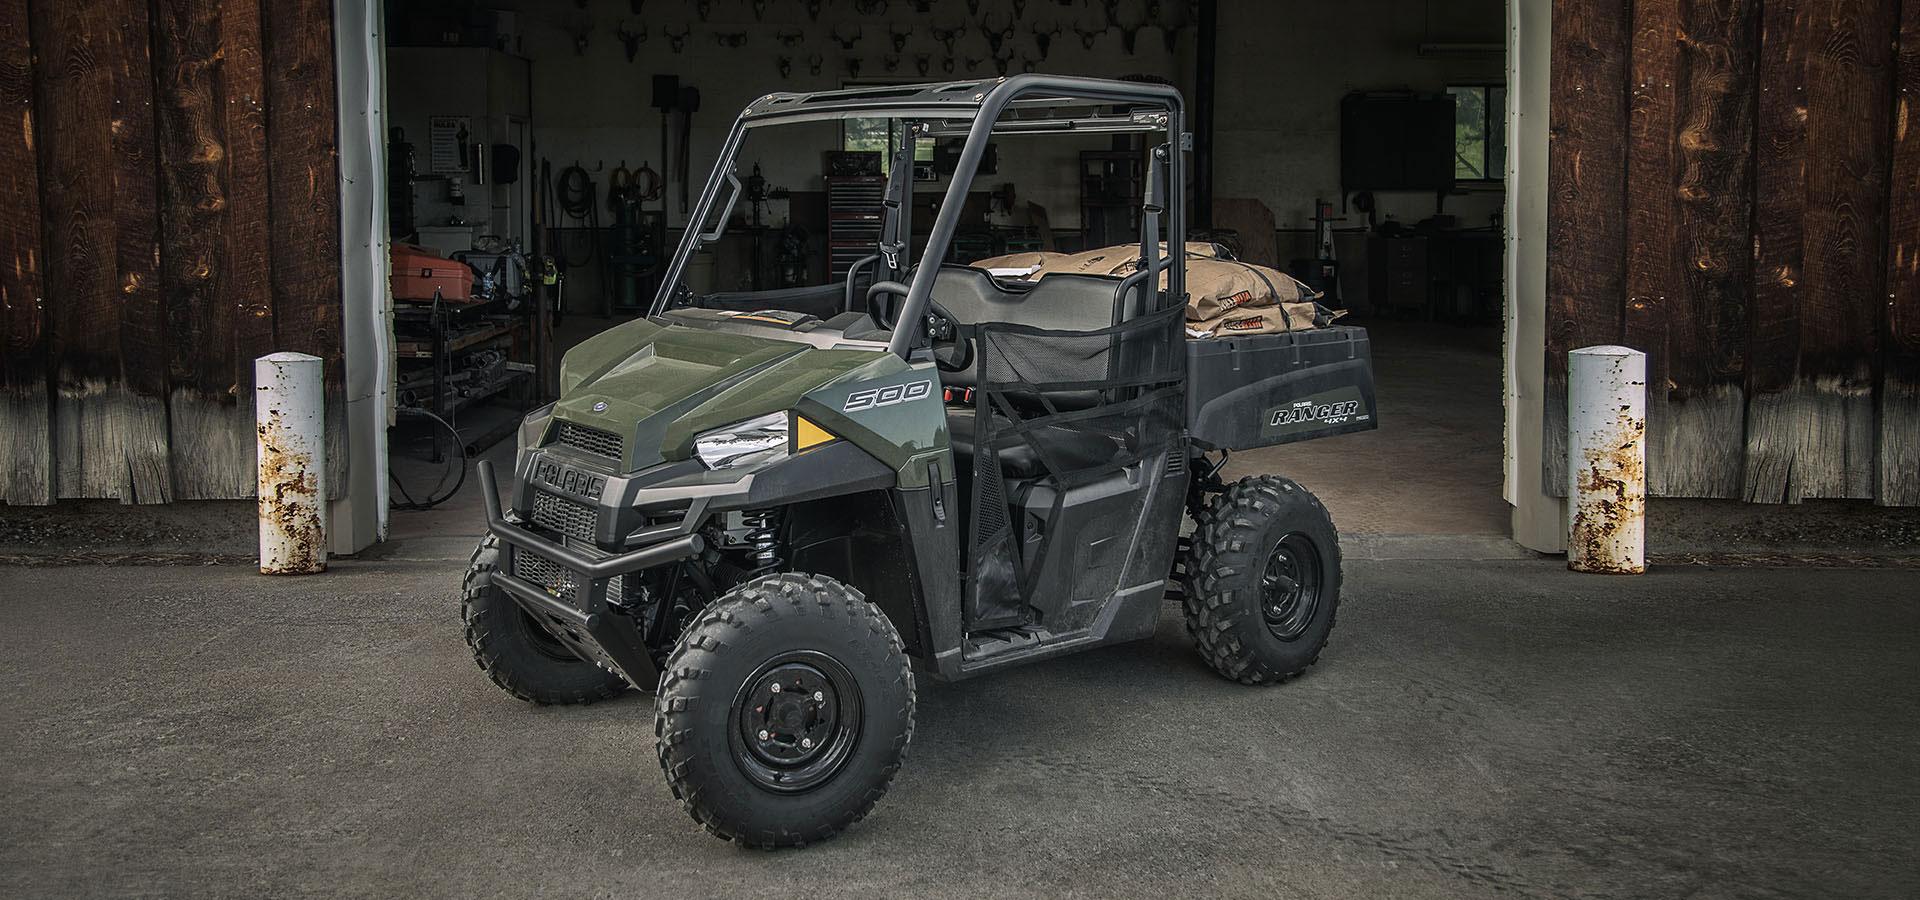 hight resolution of ranger 500